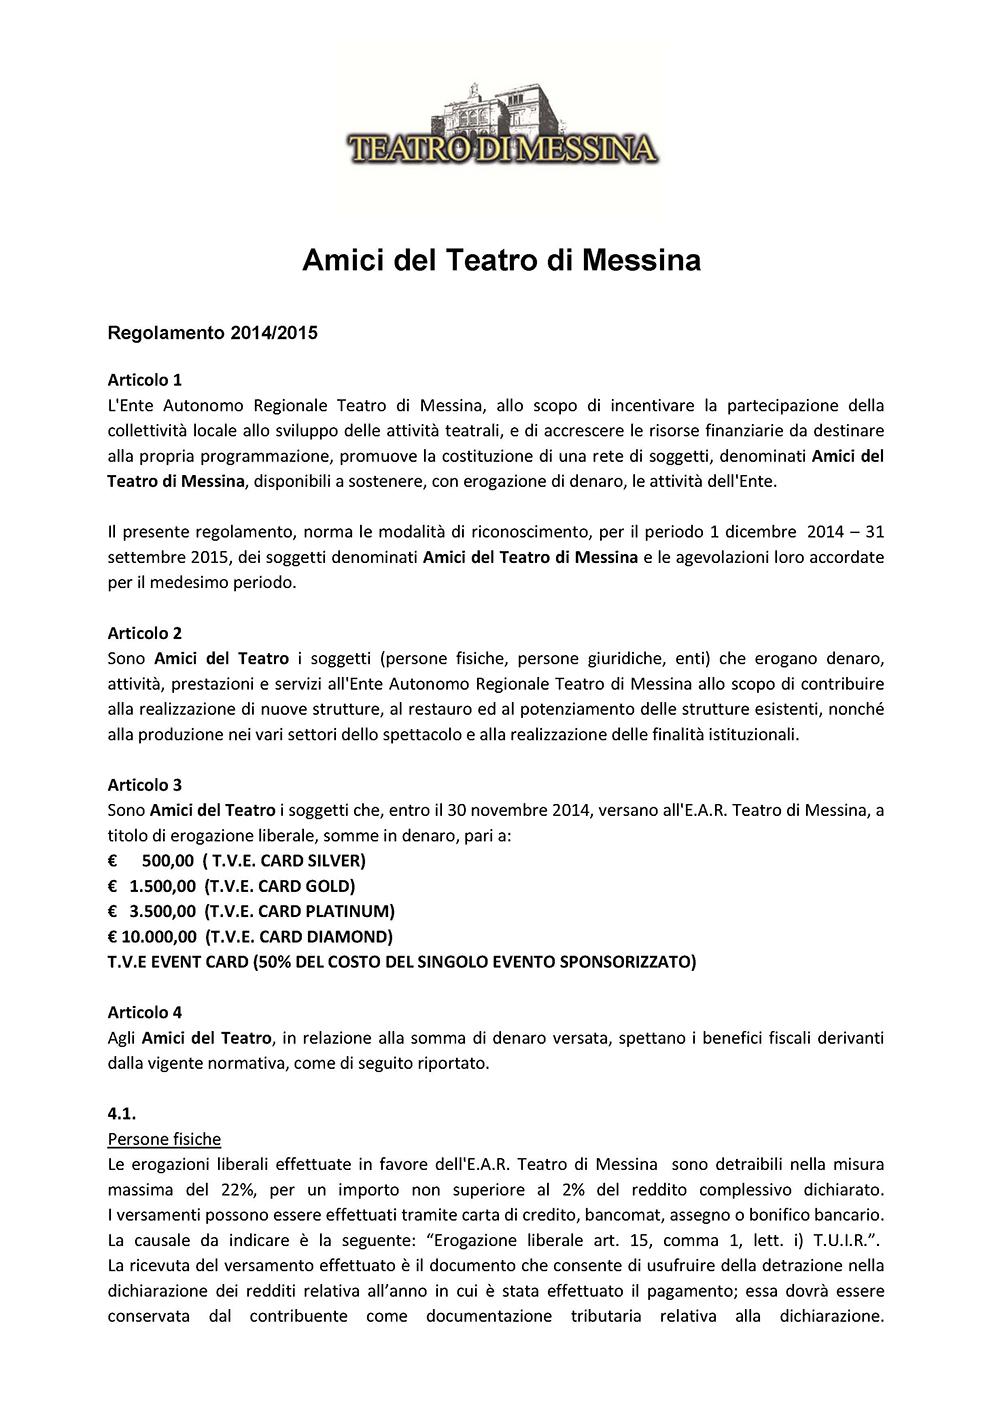 Regolamento Amici del Teatro Messina_Pagina_1